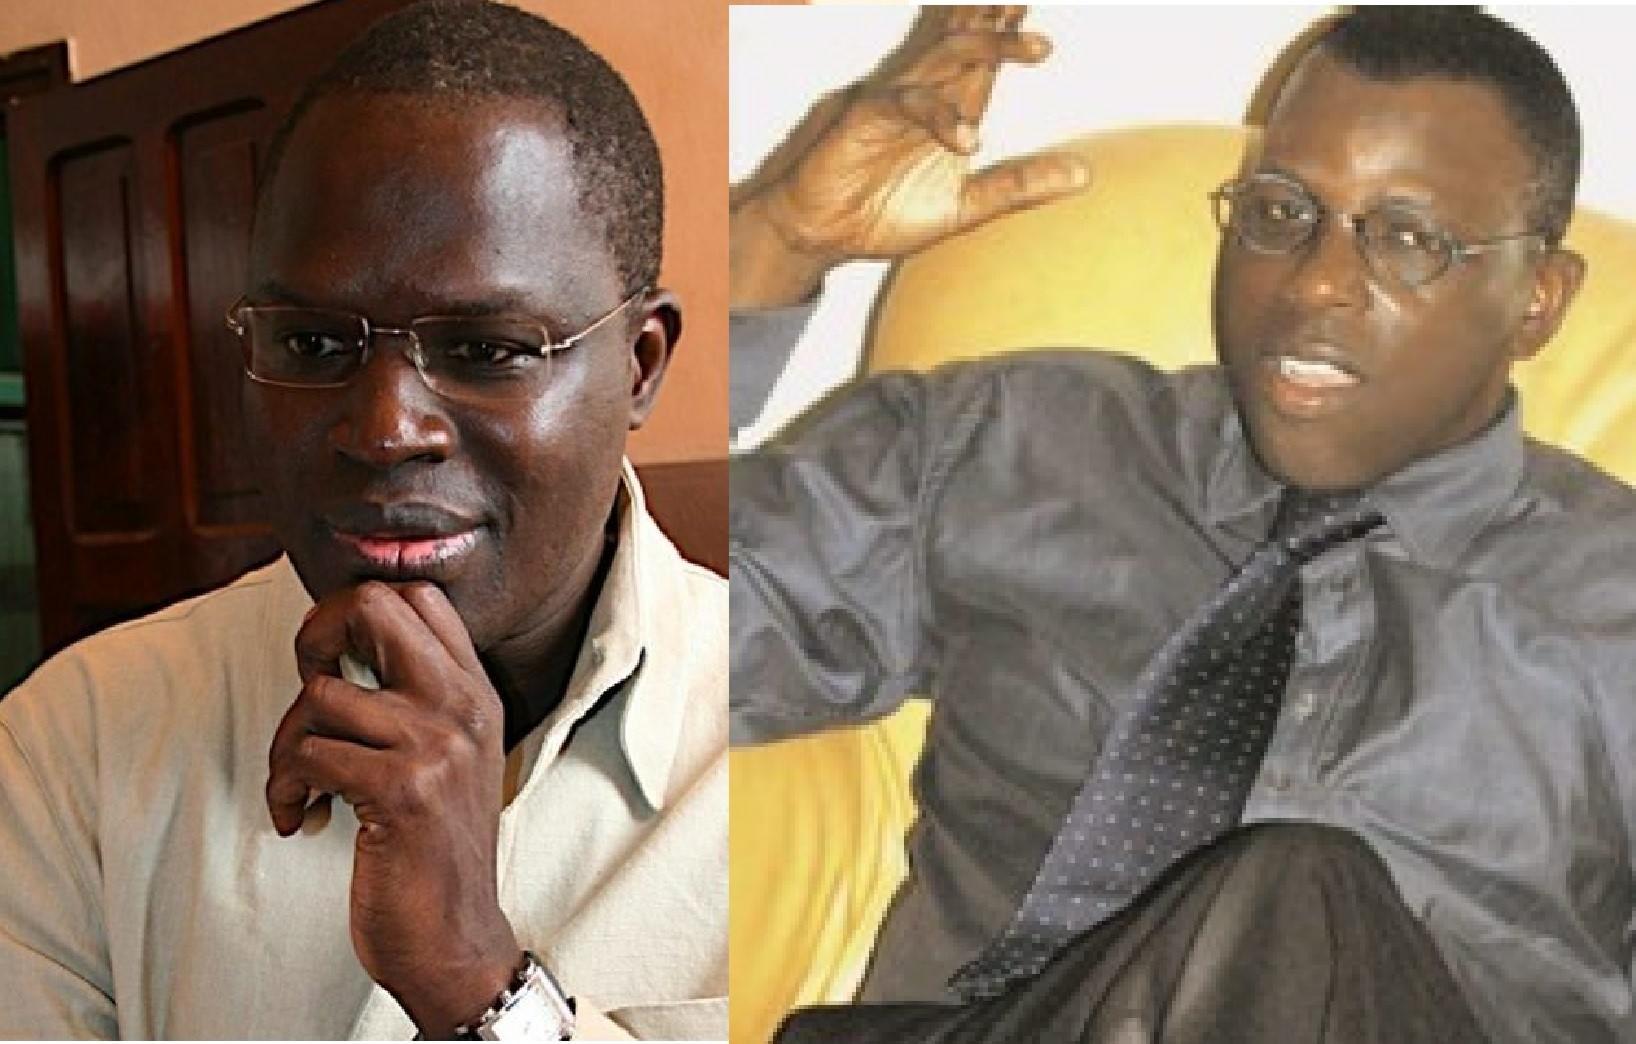 Affaire Khalifa Sall / Cheikh Tall Dioum : Le maire de Dakar gagne le procès